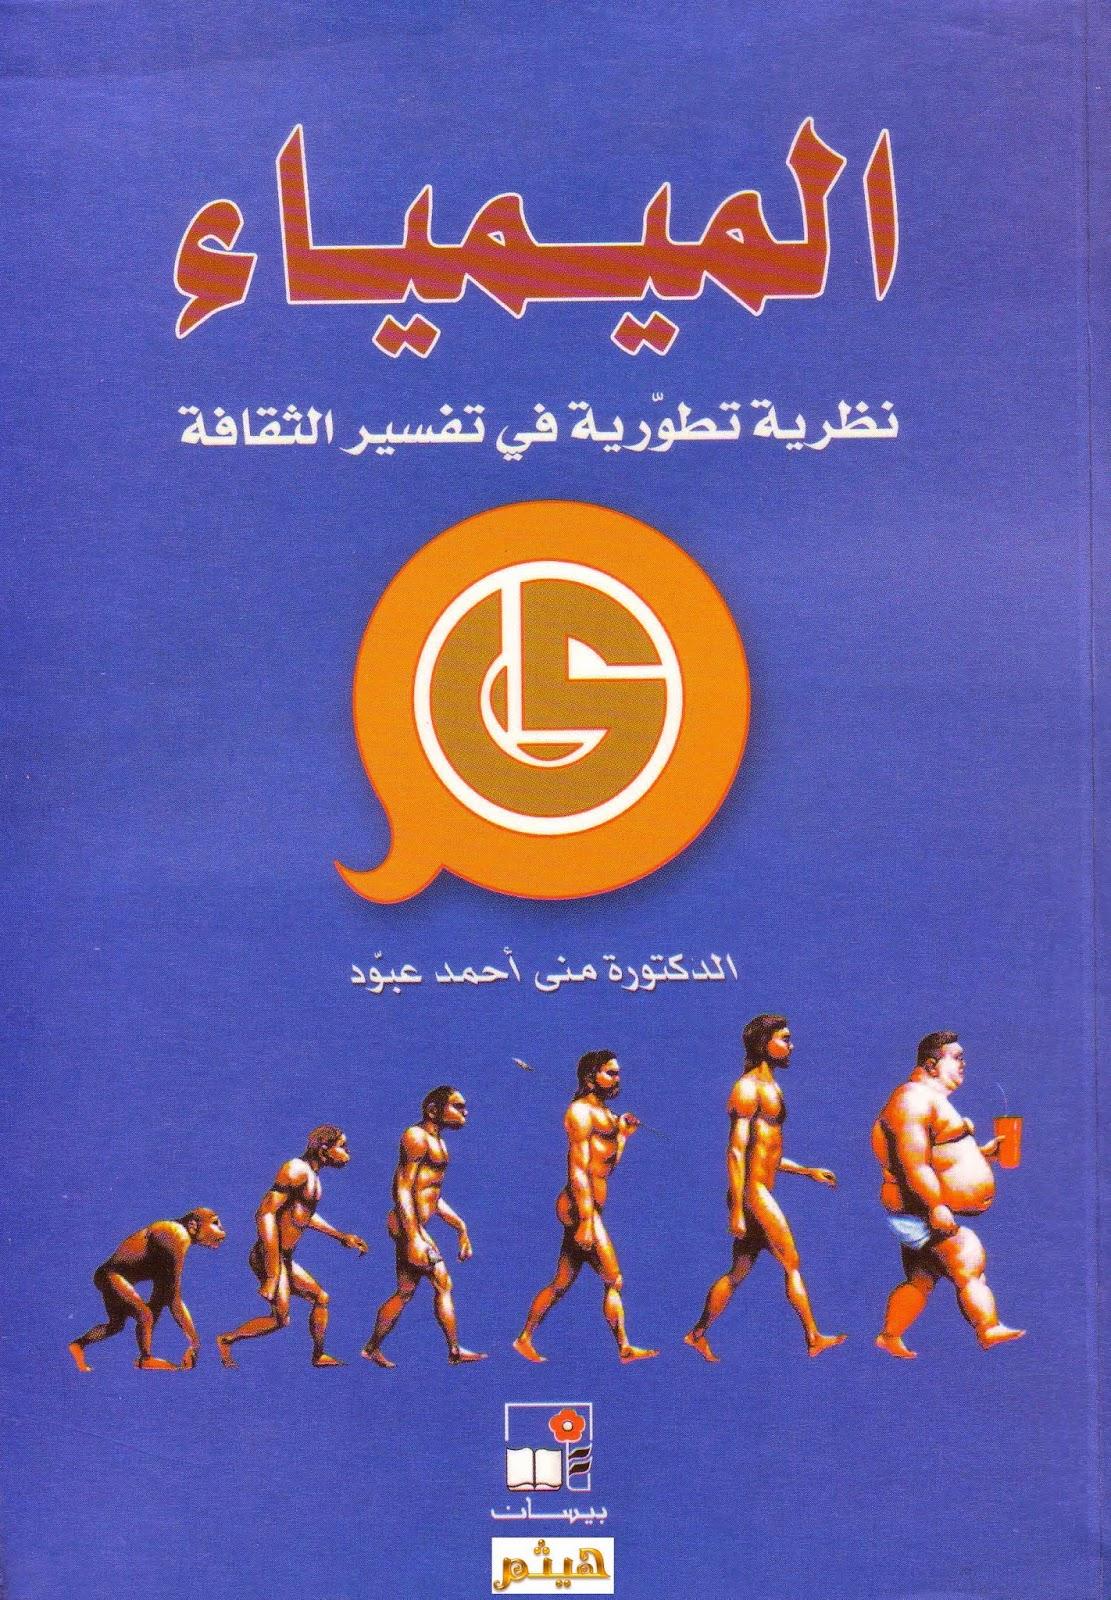 كتاب الميمياء  نظرية في تفسير الثقافة -  منى أحمد عبود